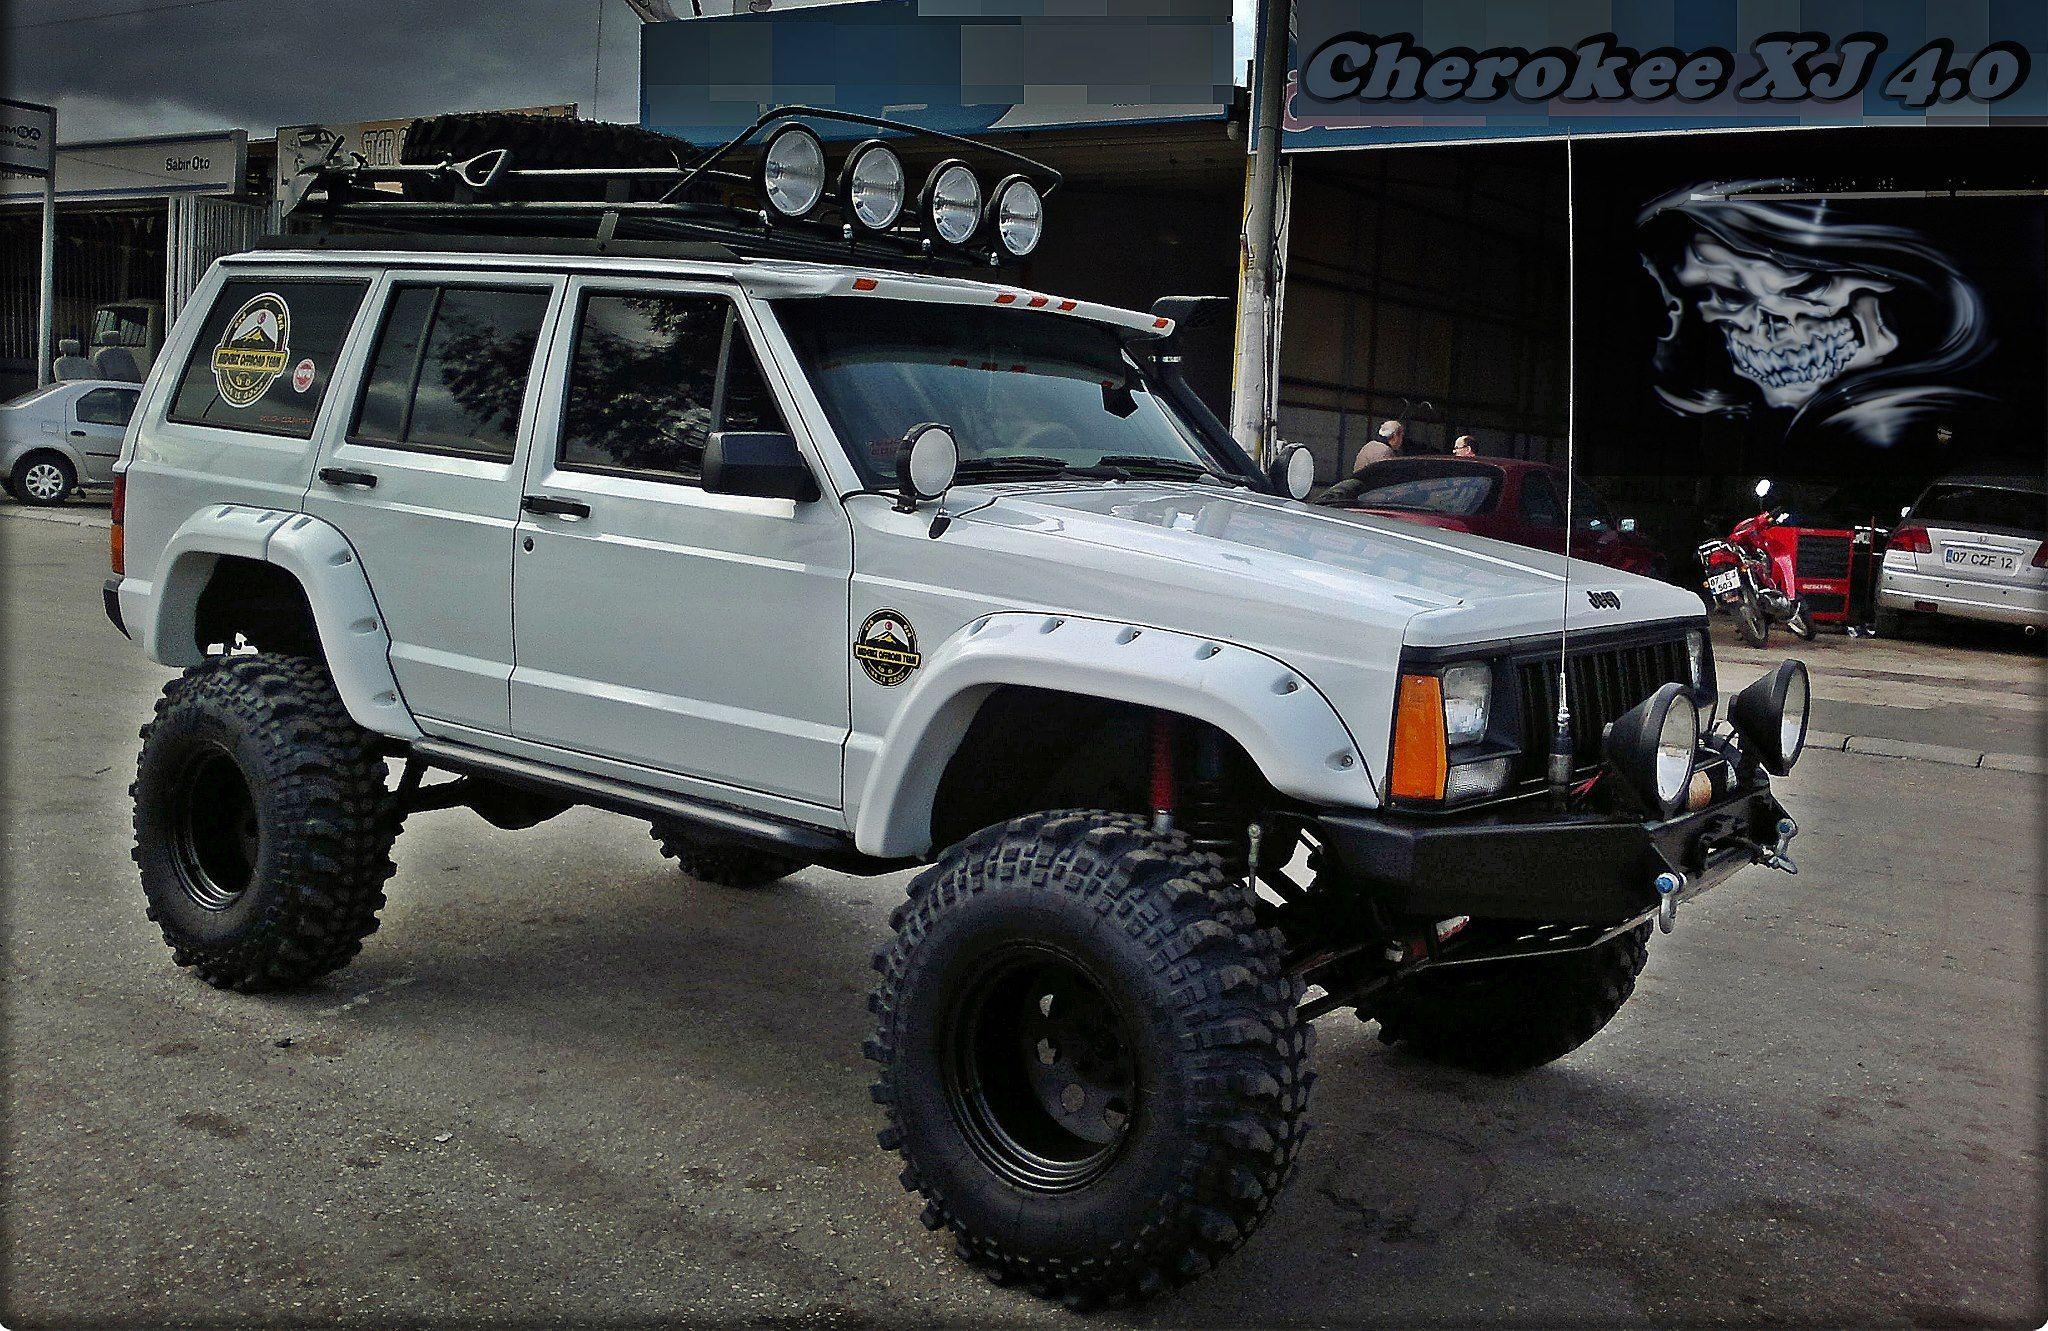 Jeep Xj Fenderflares 4x4 Jeep Xj Jeep Cherokee Xj Jeep Cherokee Sport